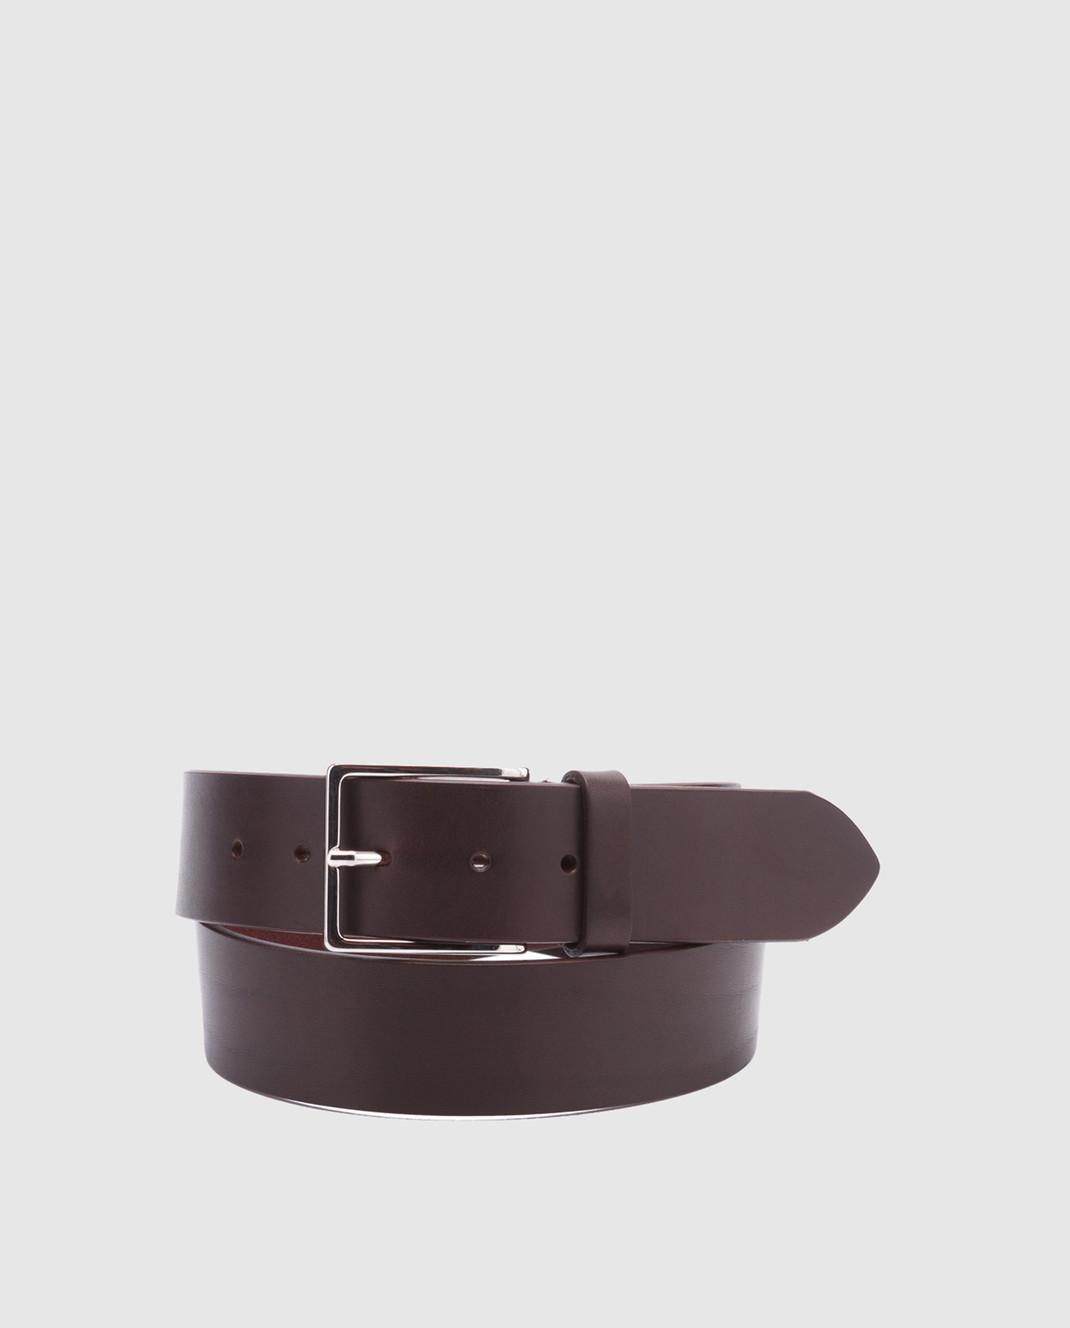 Bochicchio Темно-коричневый кожаный ремень 1011